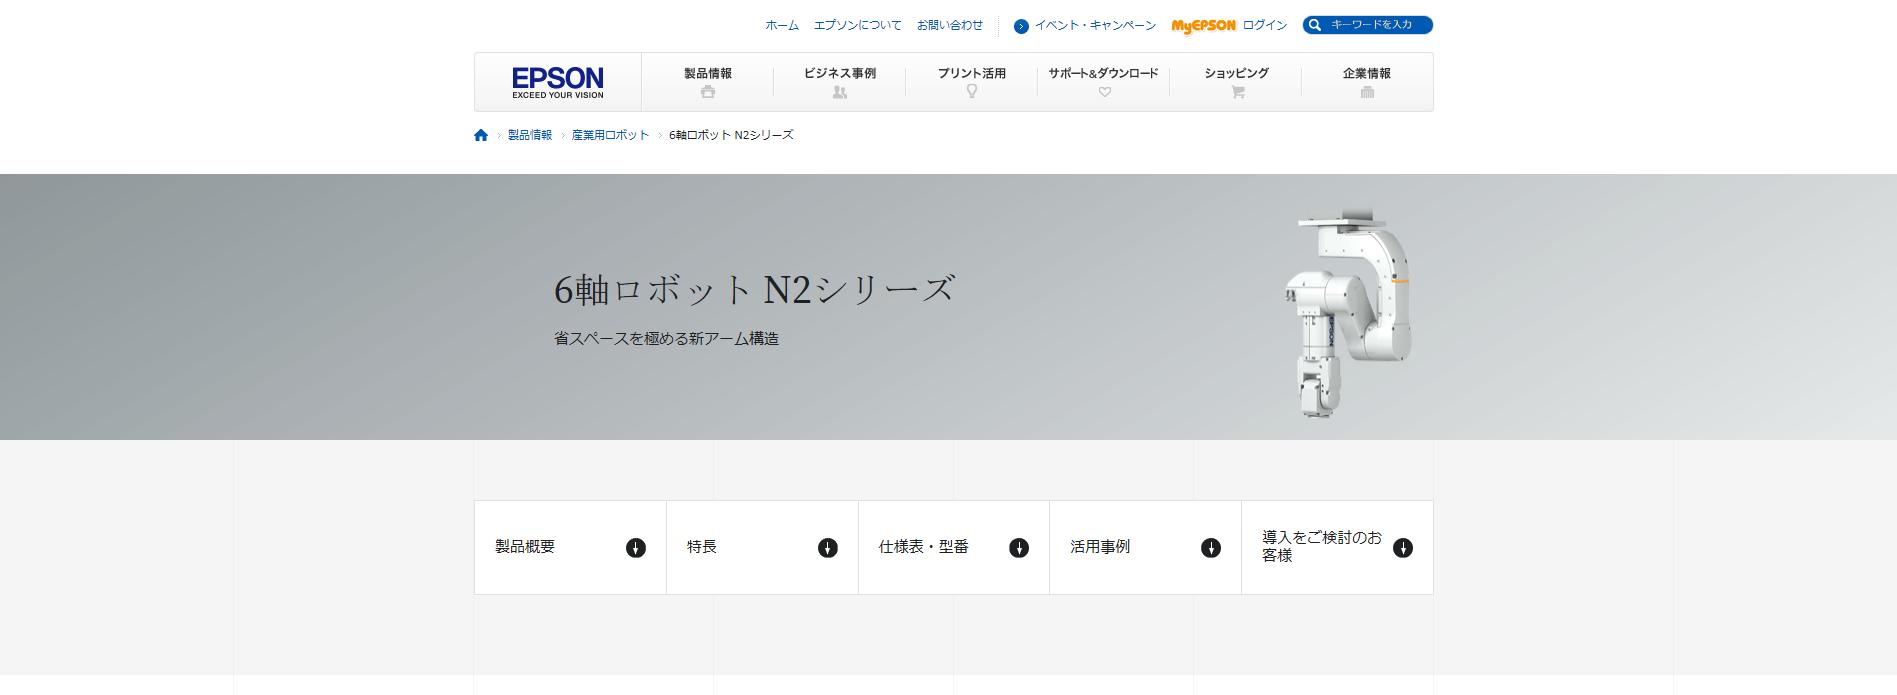 N2シリーズ